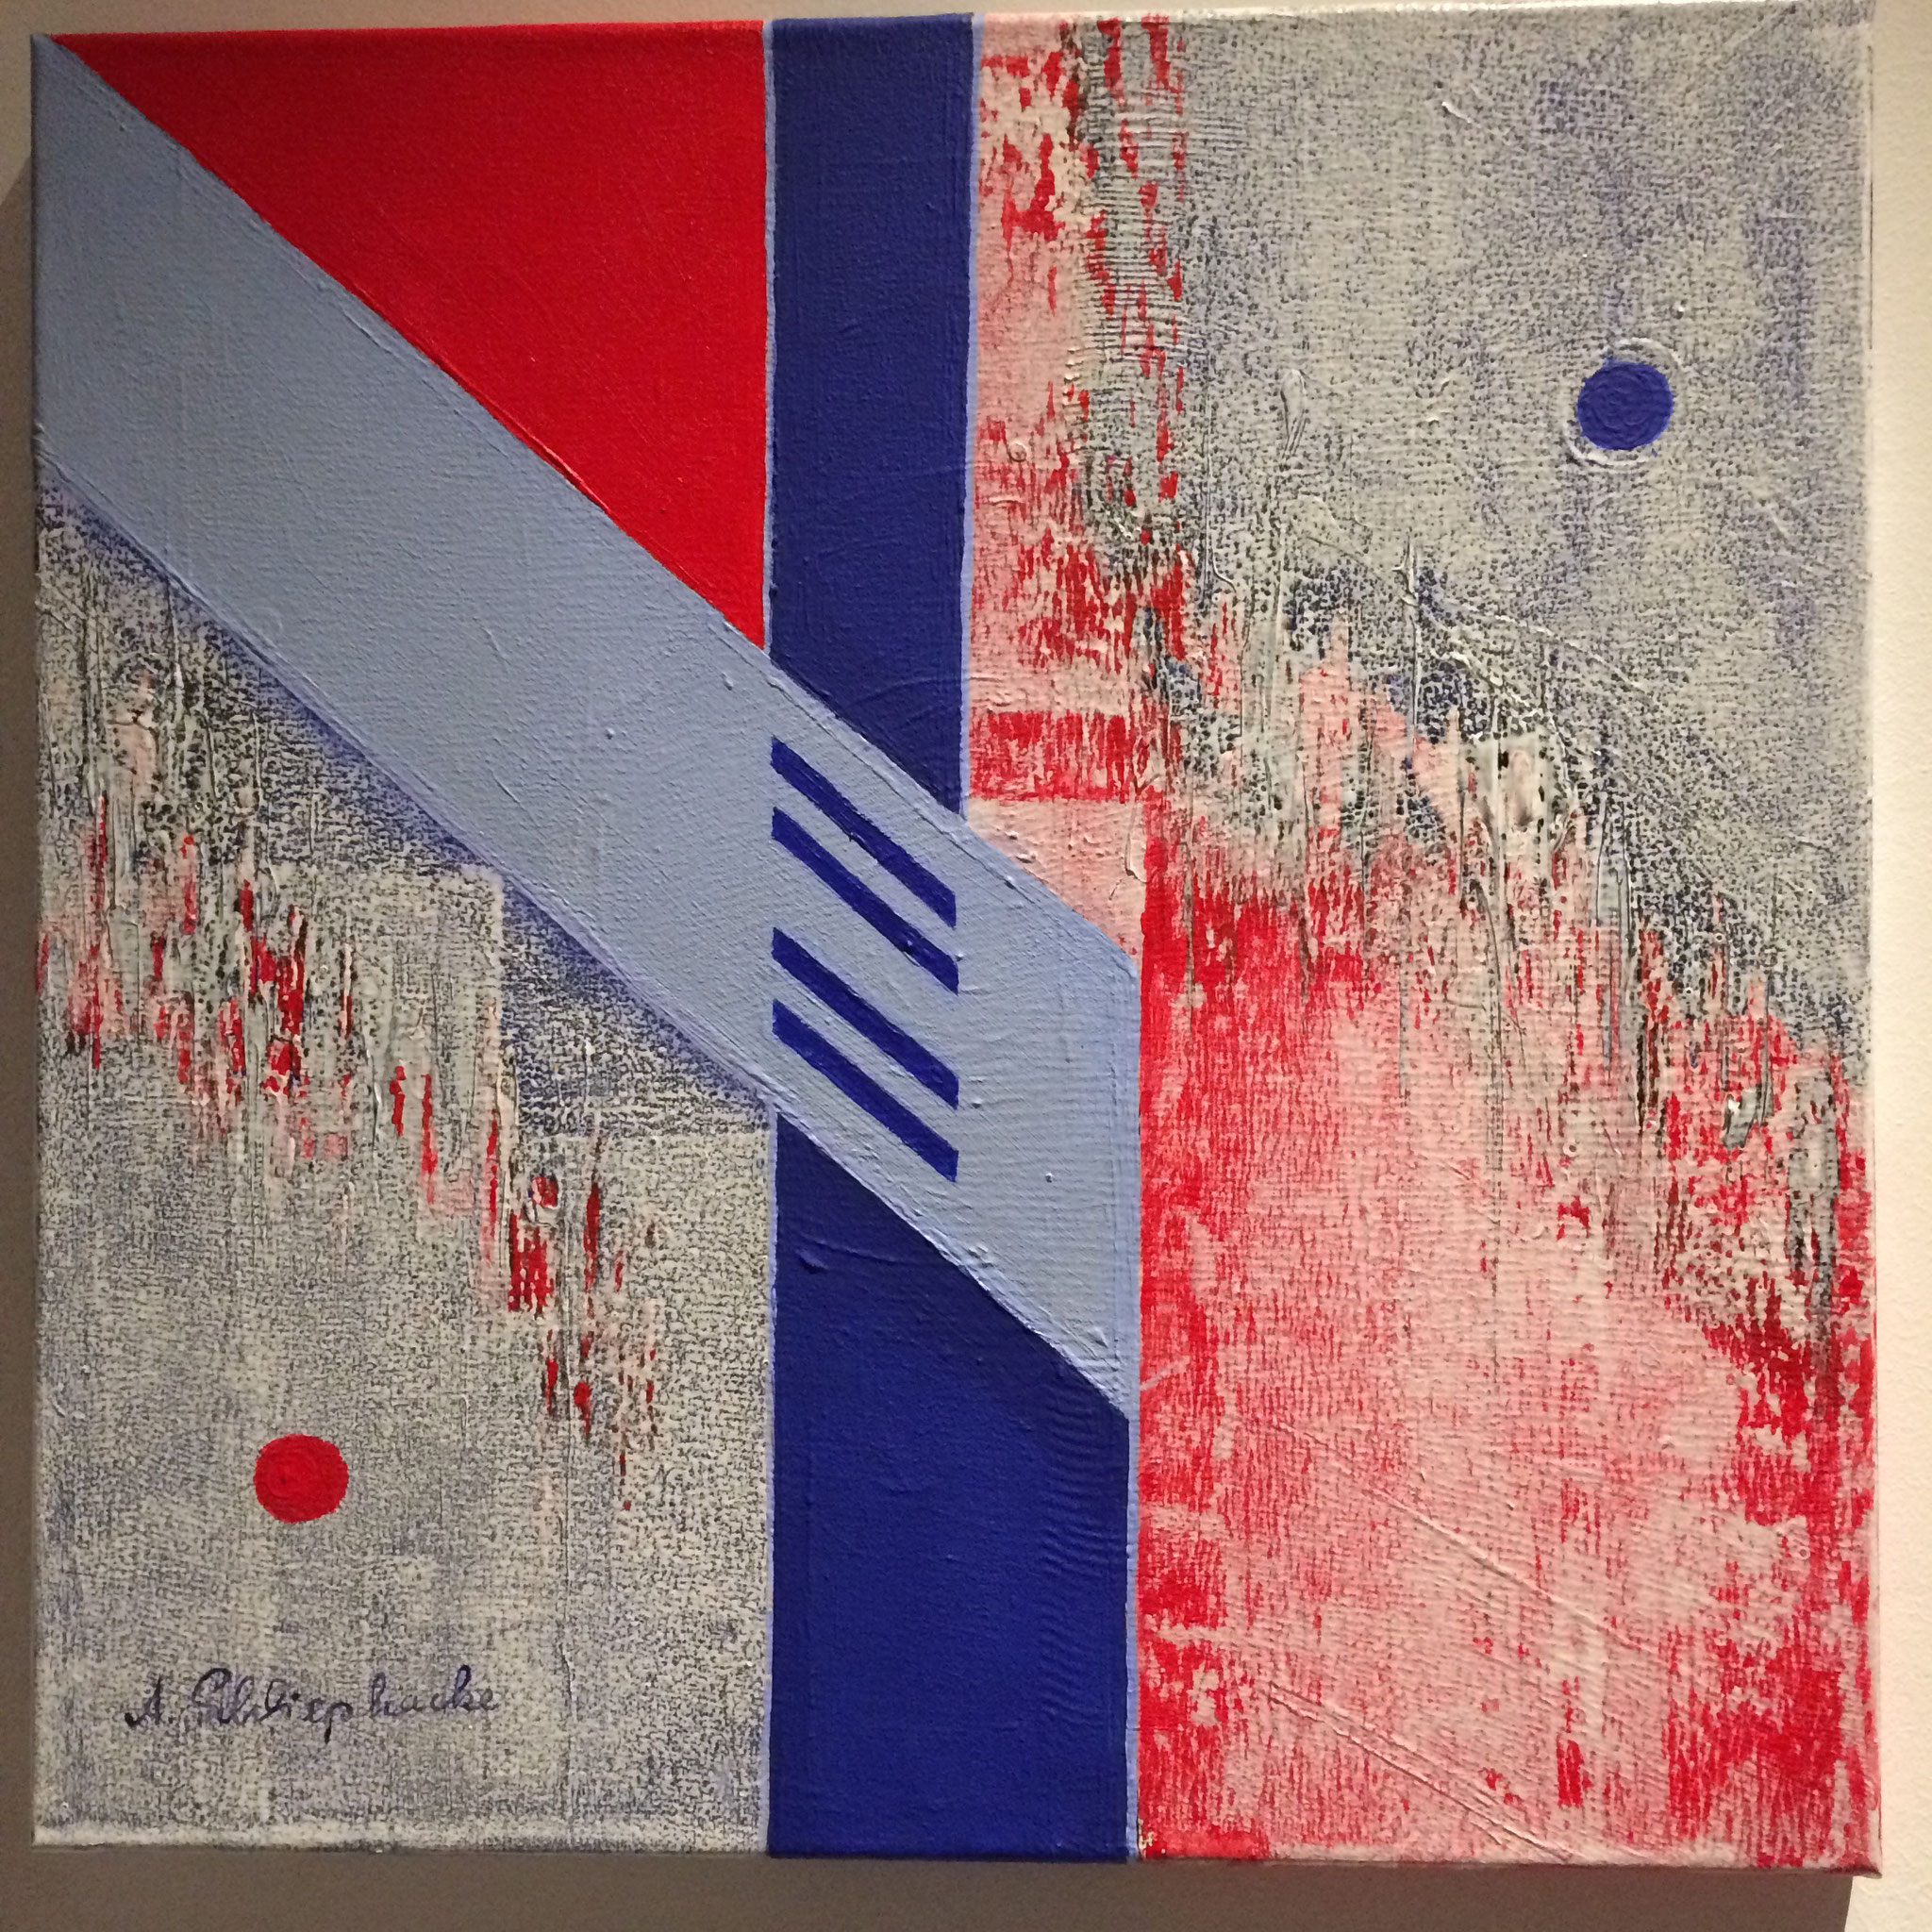 """Orig. Acrylbild auf Leinwand """"Blauer und roter Punkt"""" - 50 x 50cm - 990,-€"""